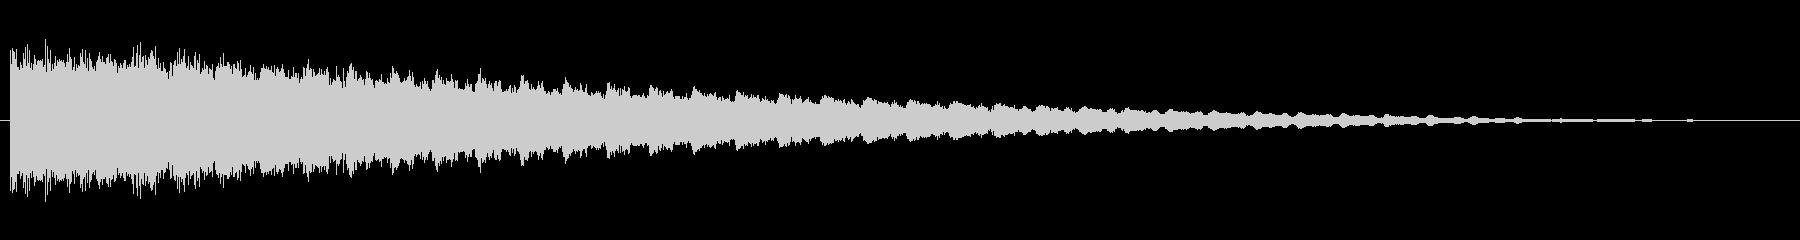 素材 スティンガーハム02の未再生の波形